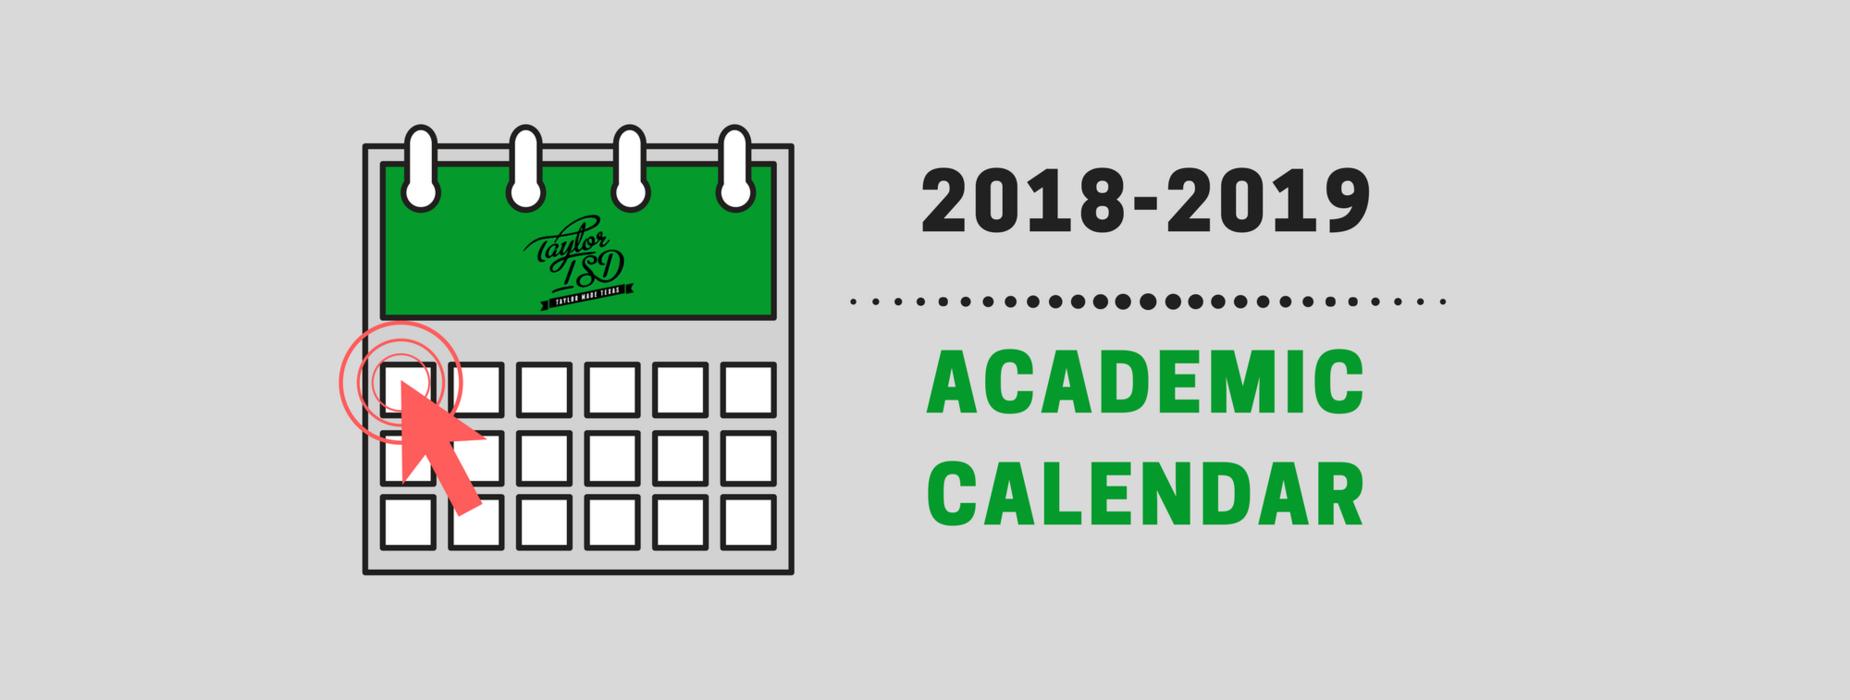 2018-2019 Taylor ISD Academic Calendar